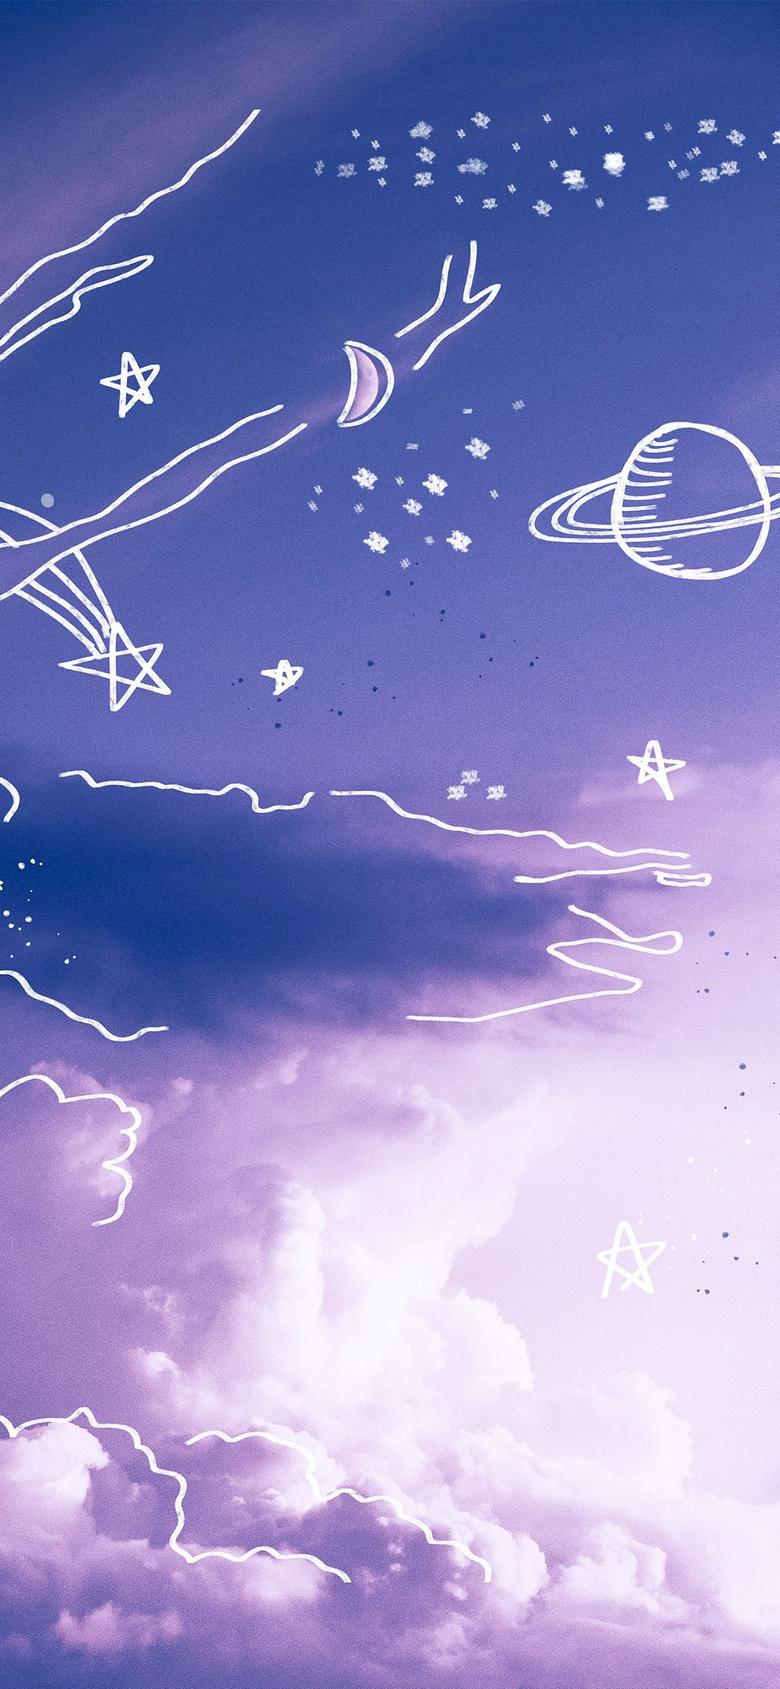 Purple sky Aesthetic vsco background iPhone Case by trajeado14 in